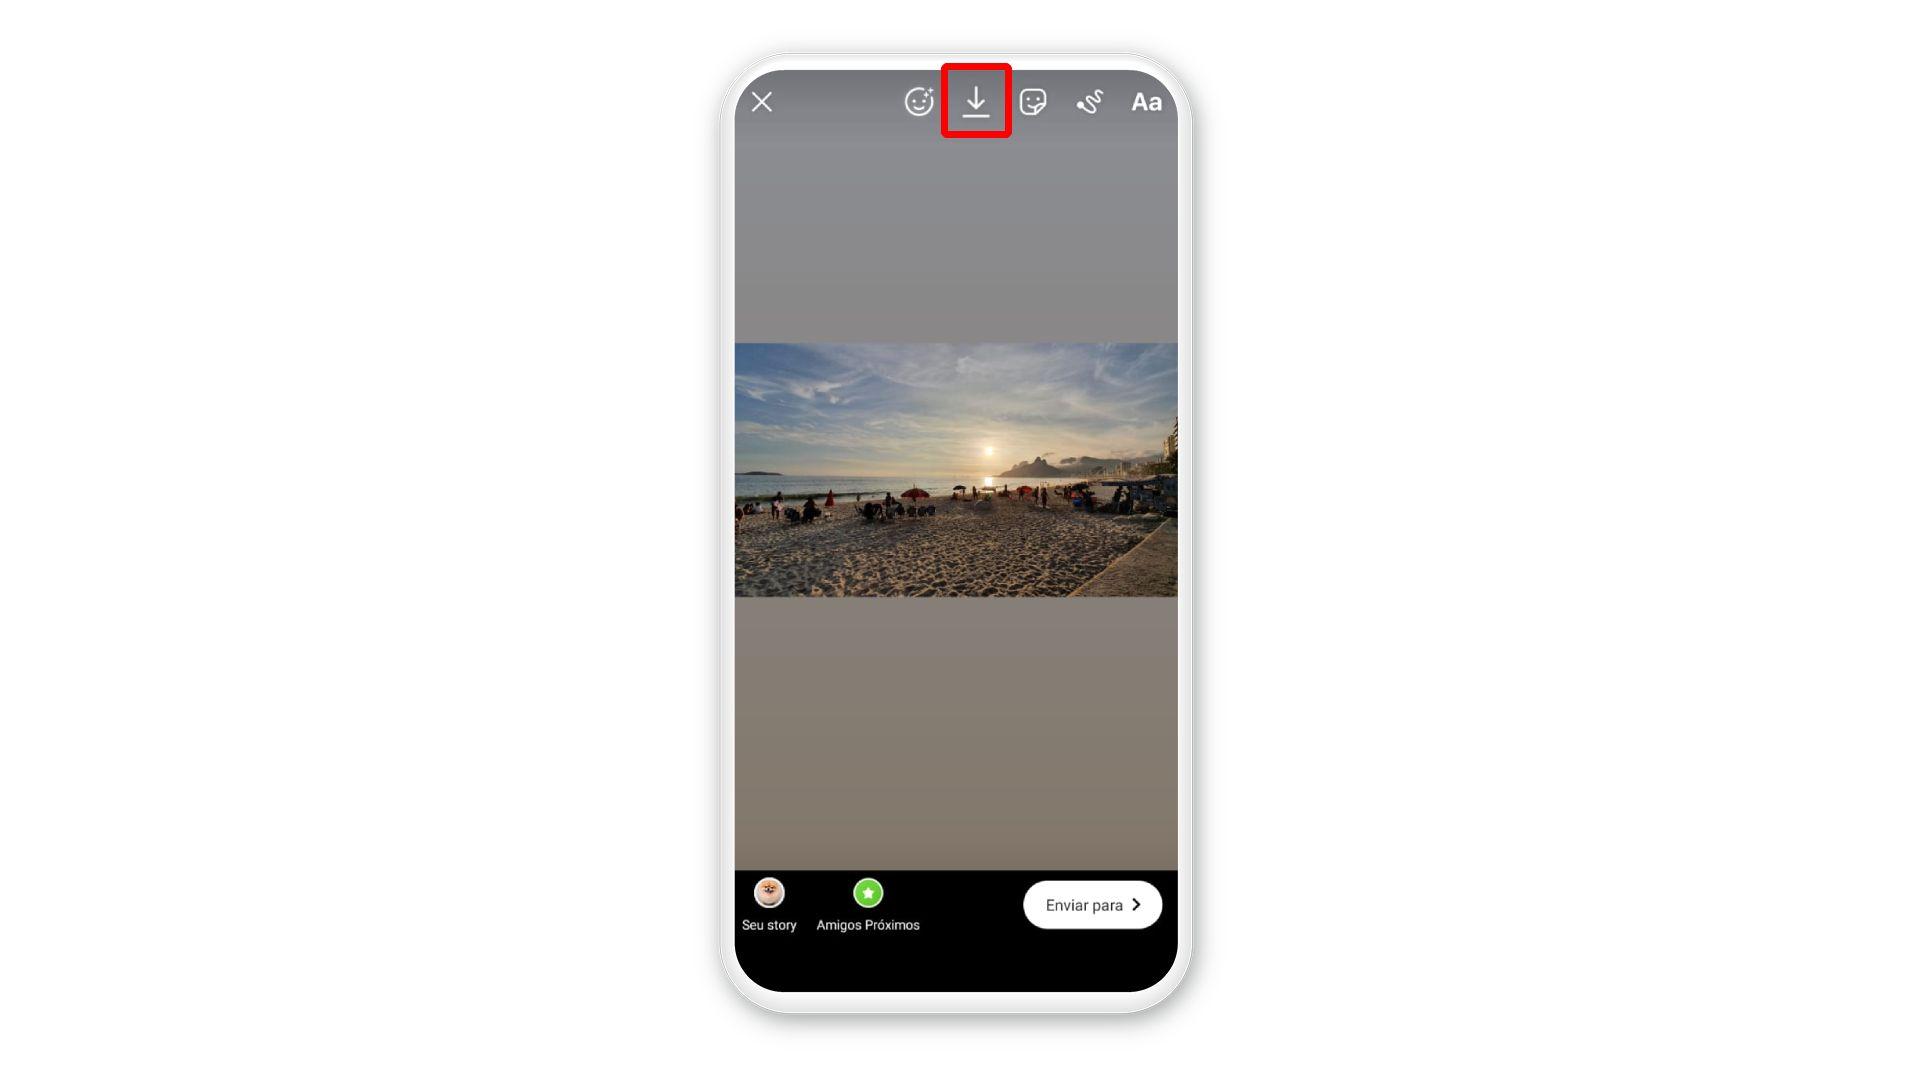 Como salvar Stories do Instagram no próprio perfil: é possível fazer download antes de publicar a foto (Foto: Arte/Zoom)